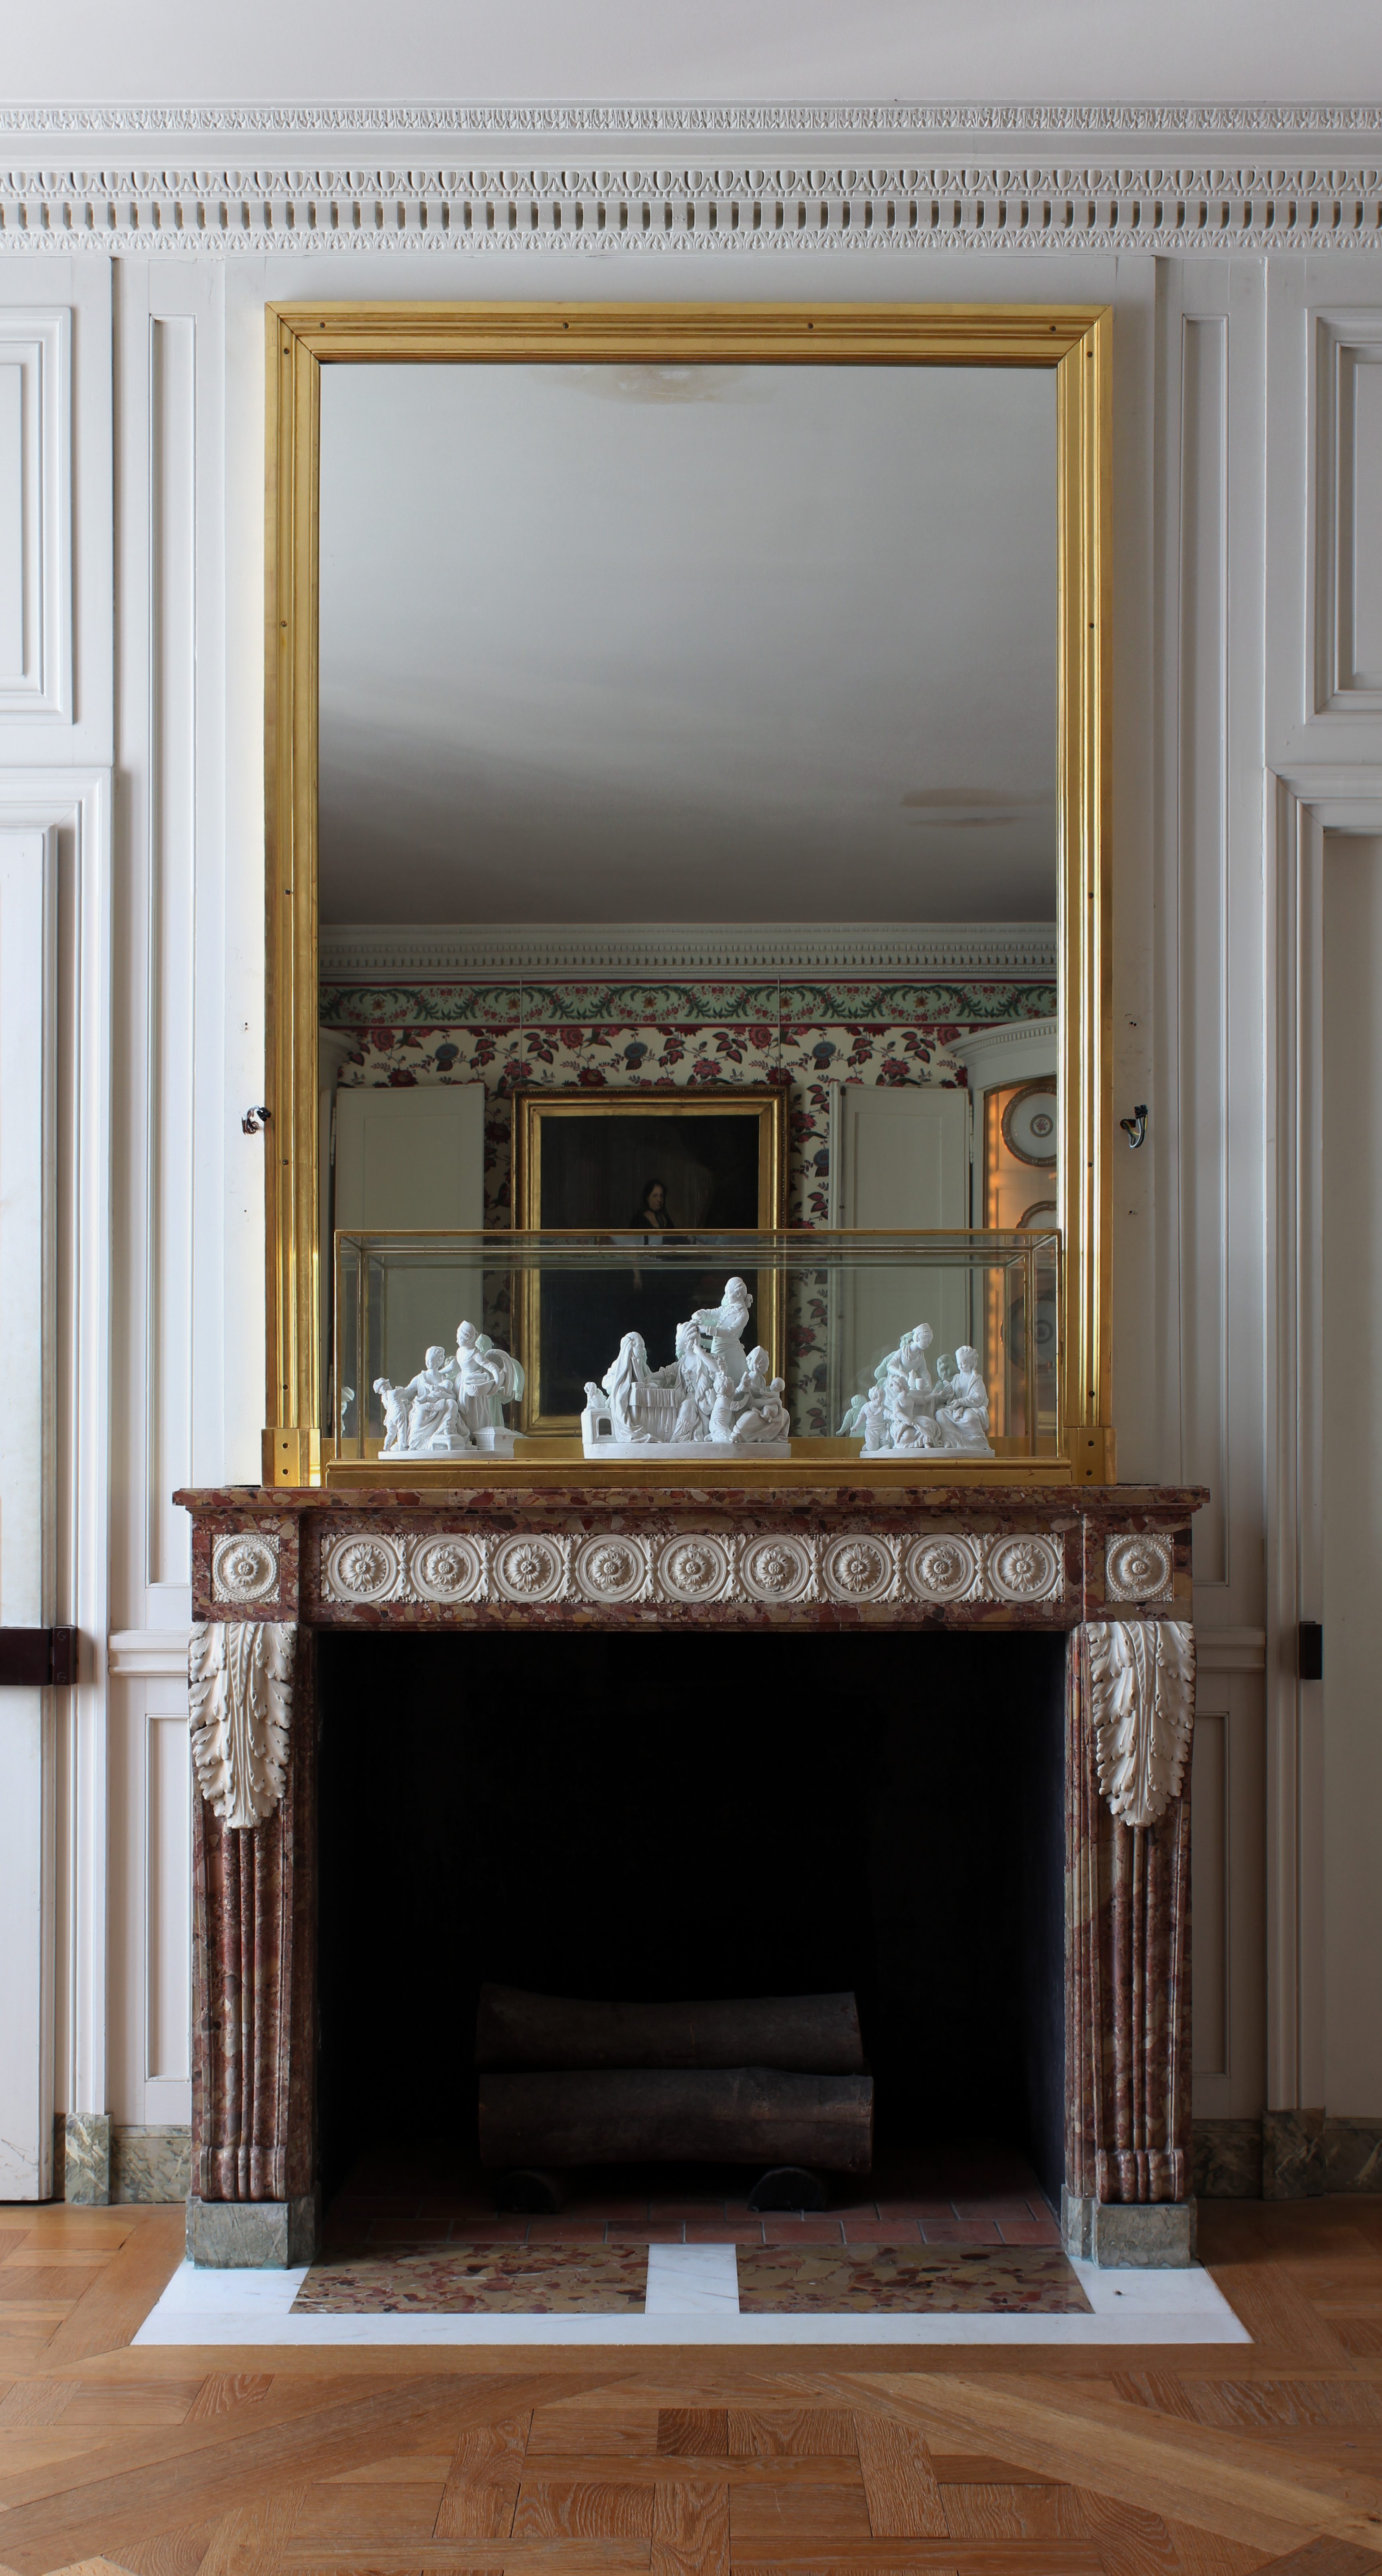 Filechâteau De Versailles Petit Appartement De La Reine 2e étage